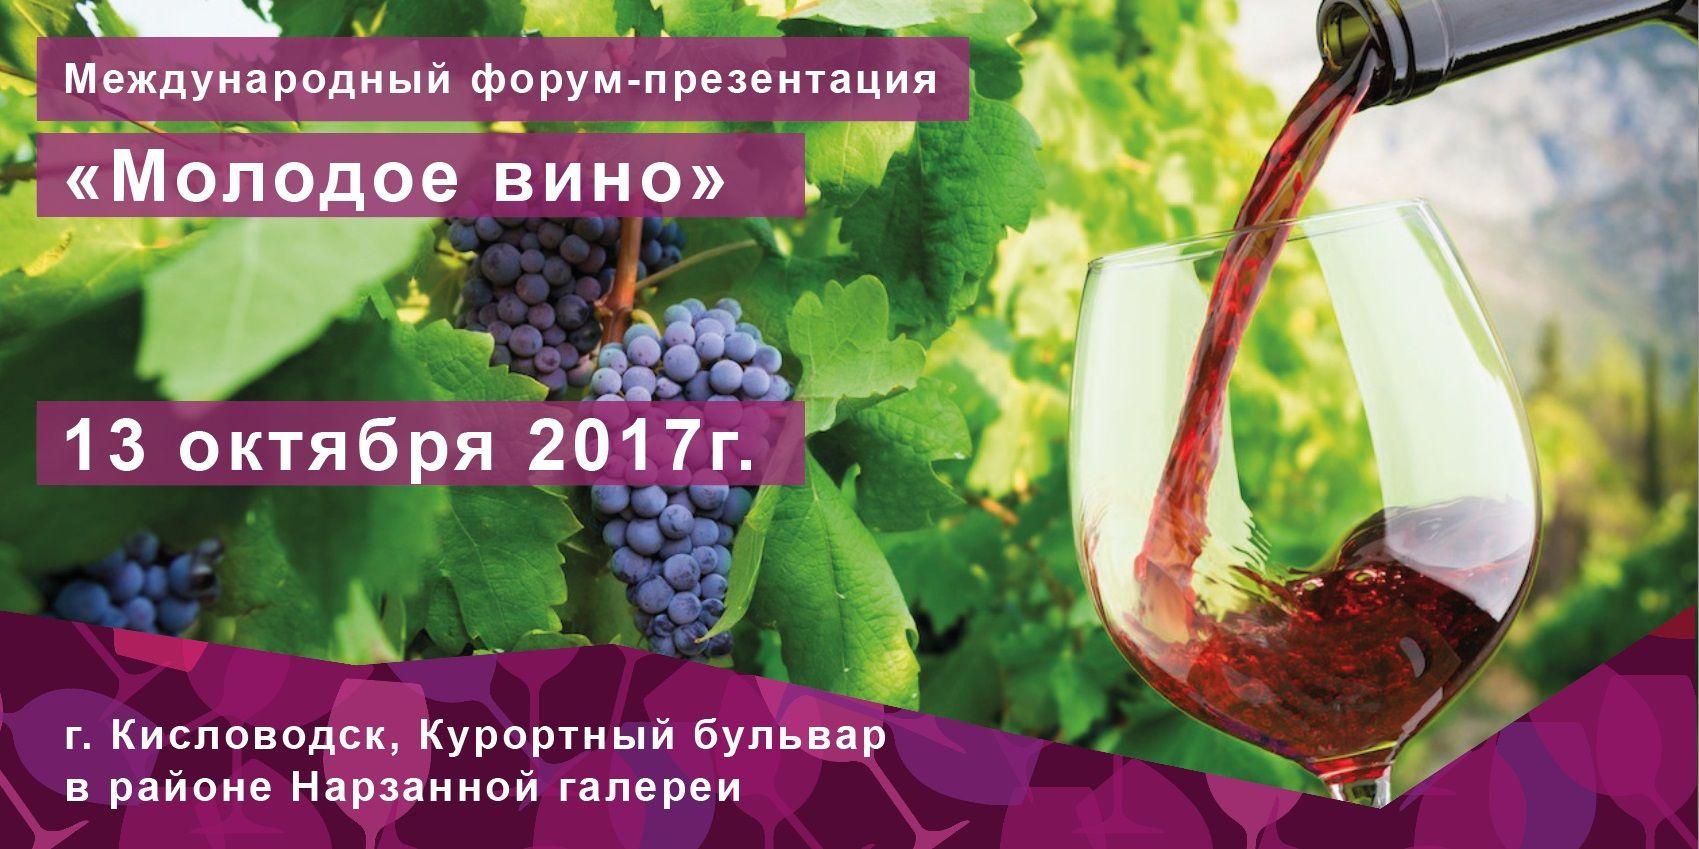 13 октября в Кисловодске пройдёт международный форум-презентация «Молодое вино»